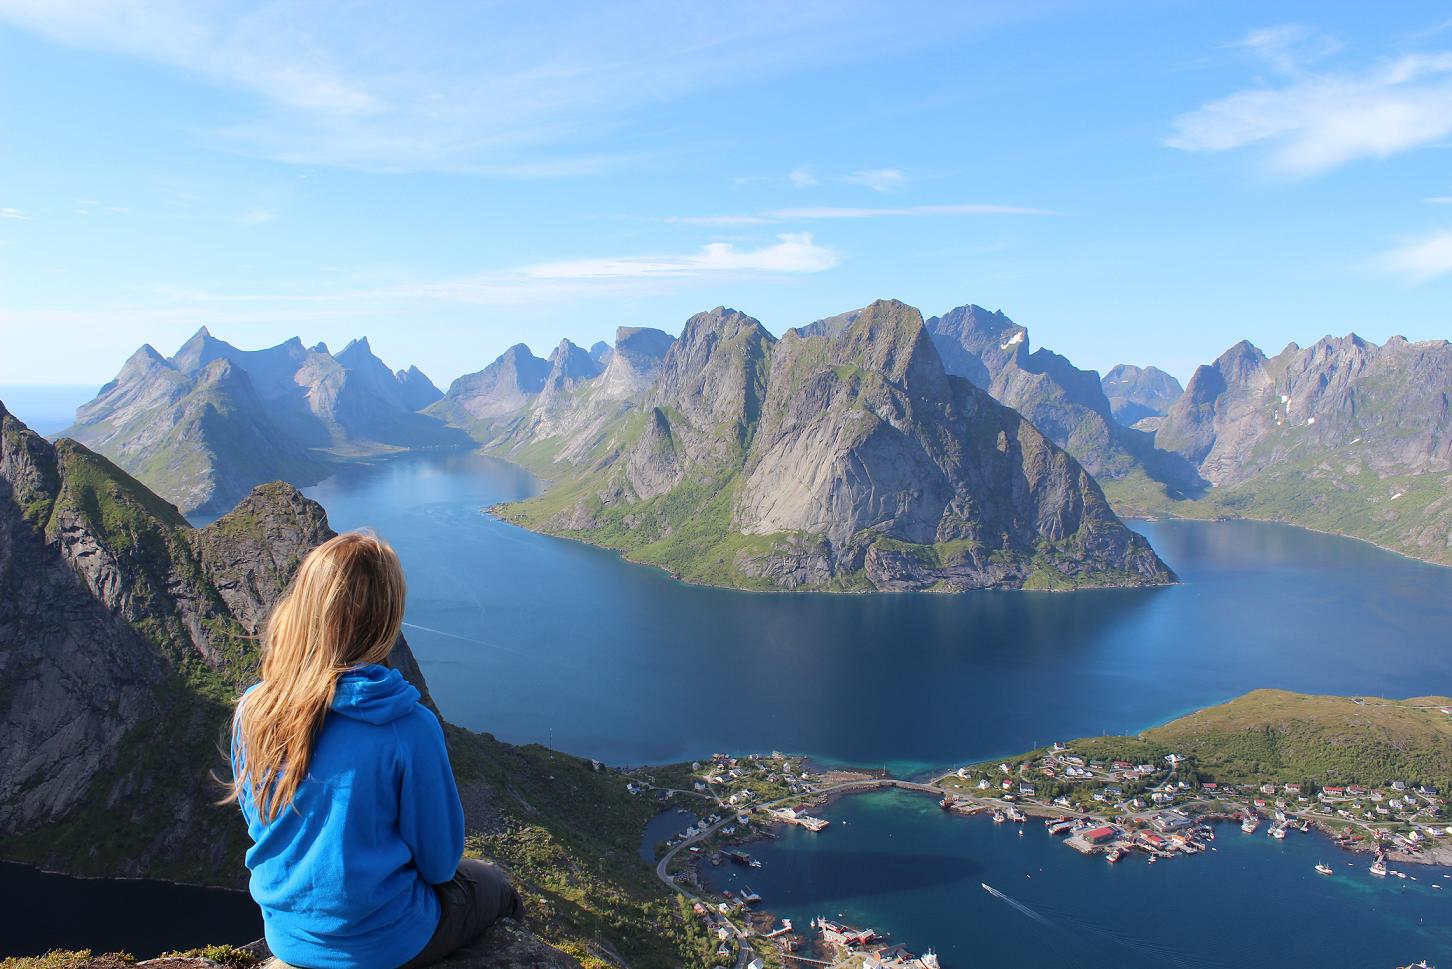 relaksujący krajobraz, góry, jezioro